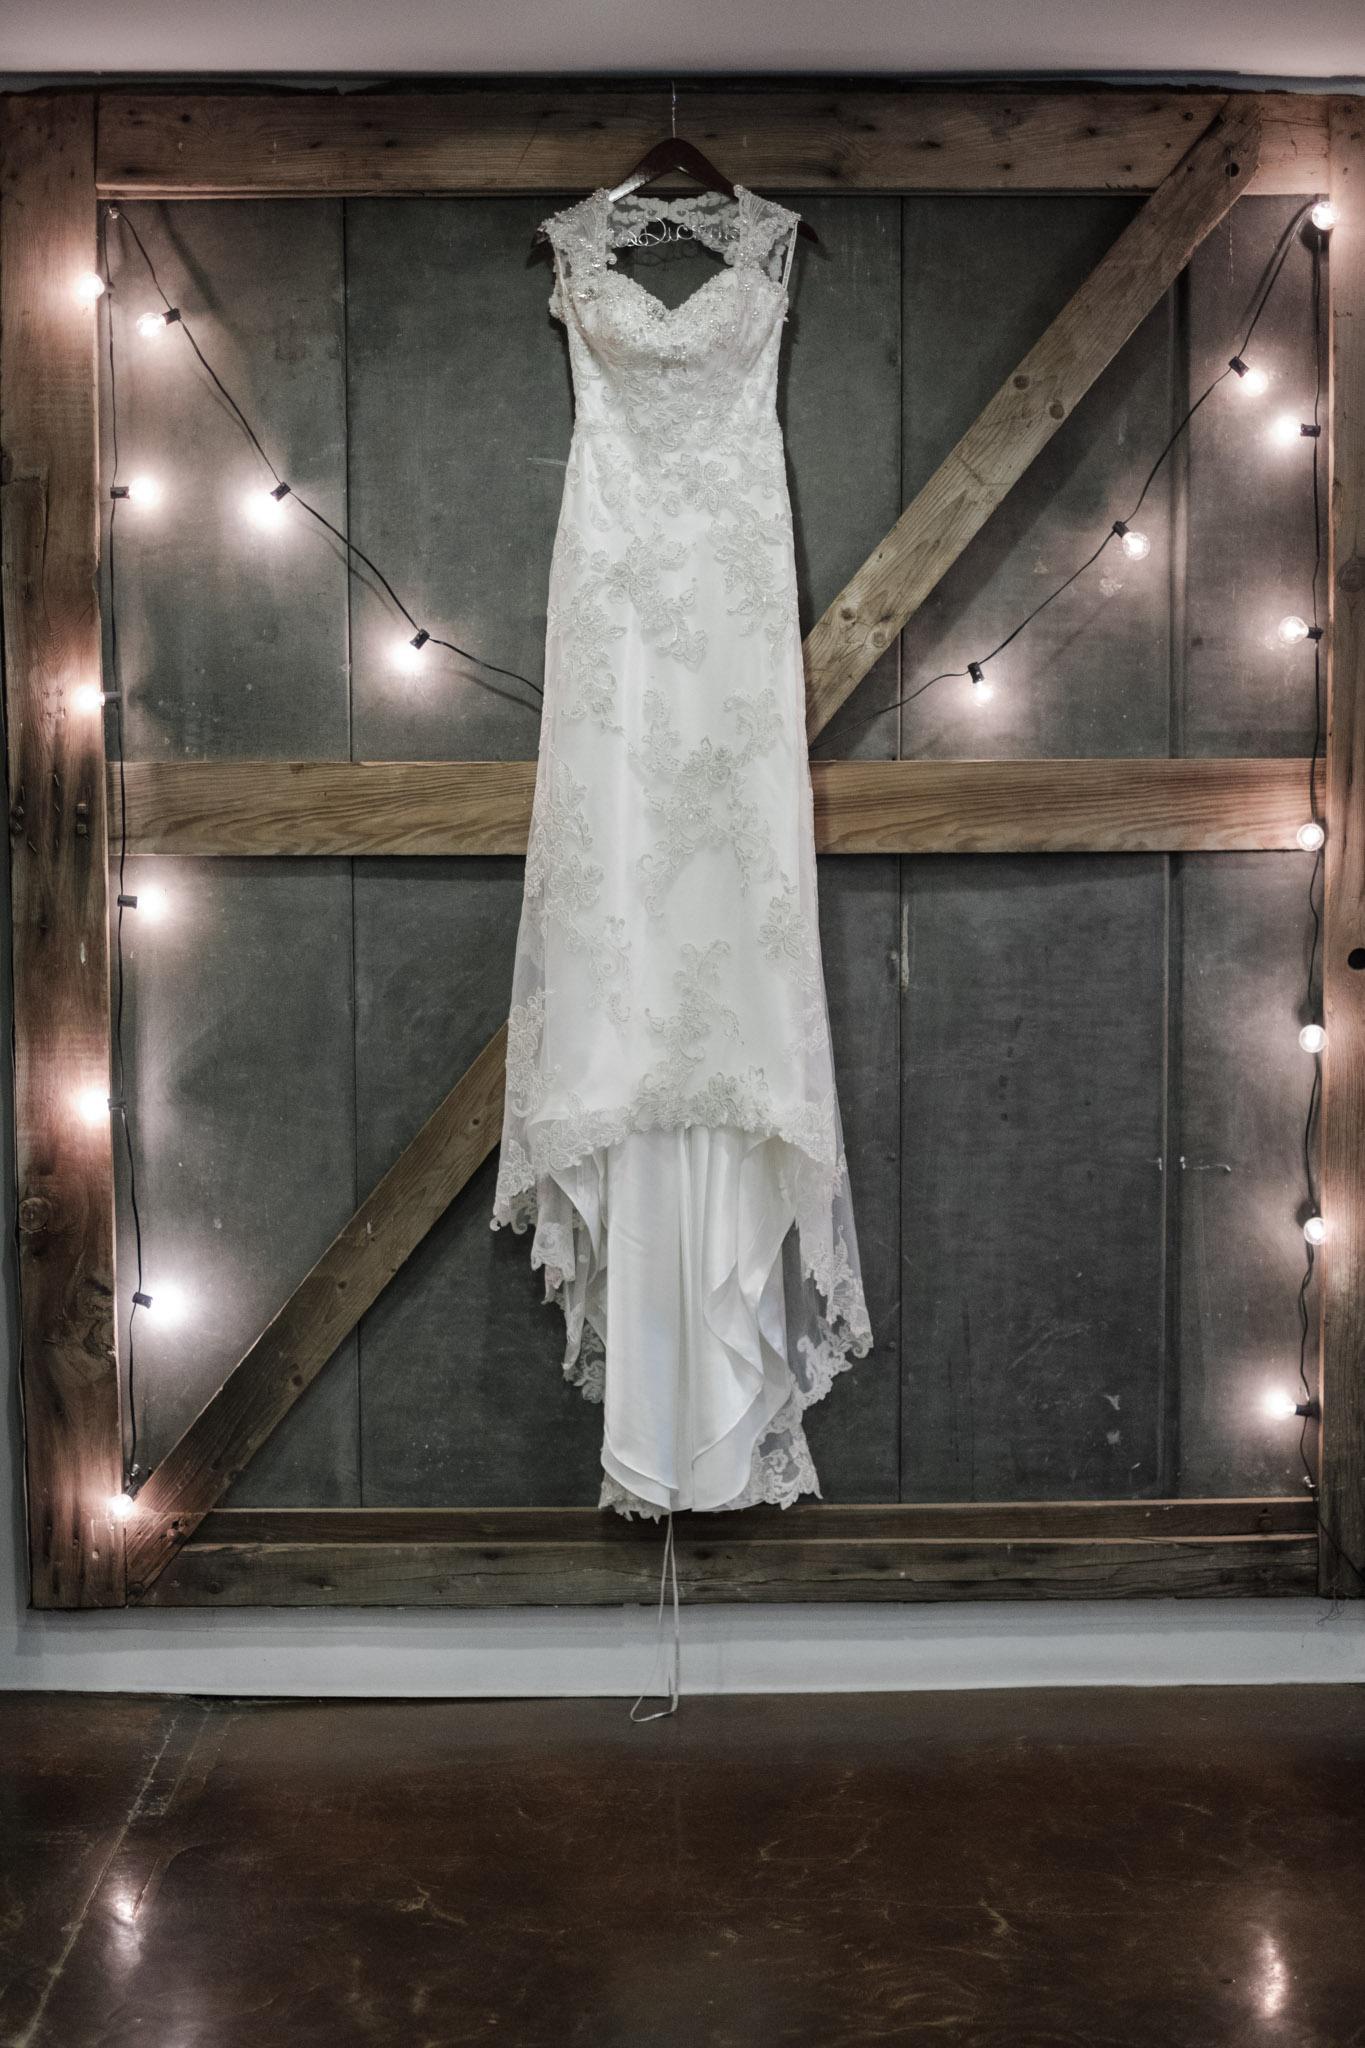 bride dress hanging on barn door with market lights surrounding it